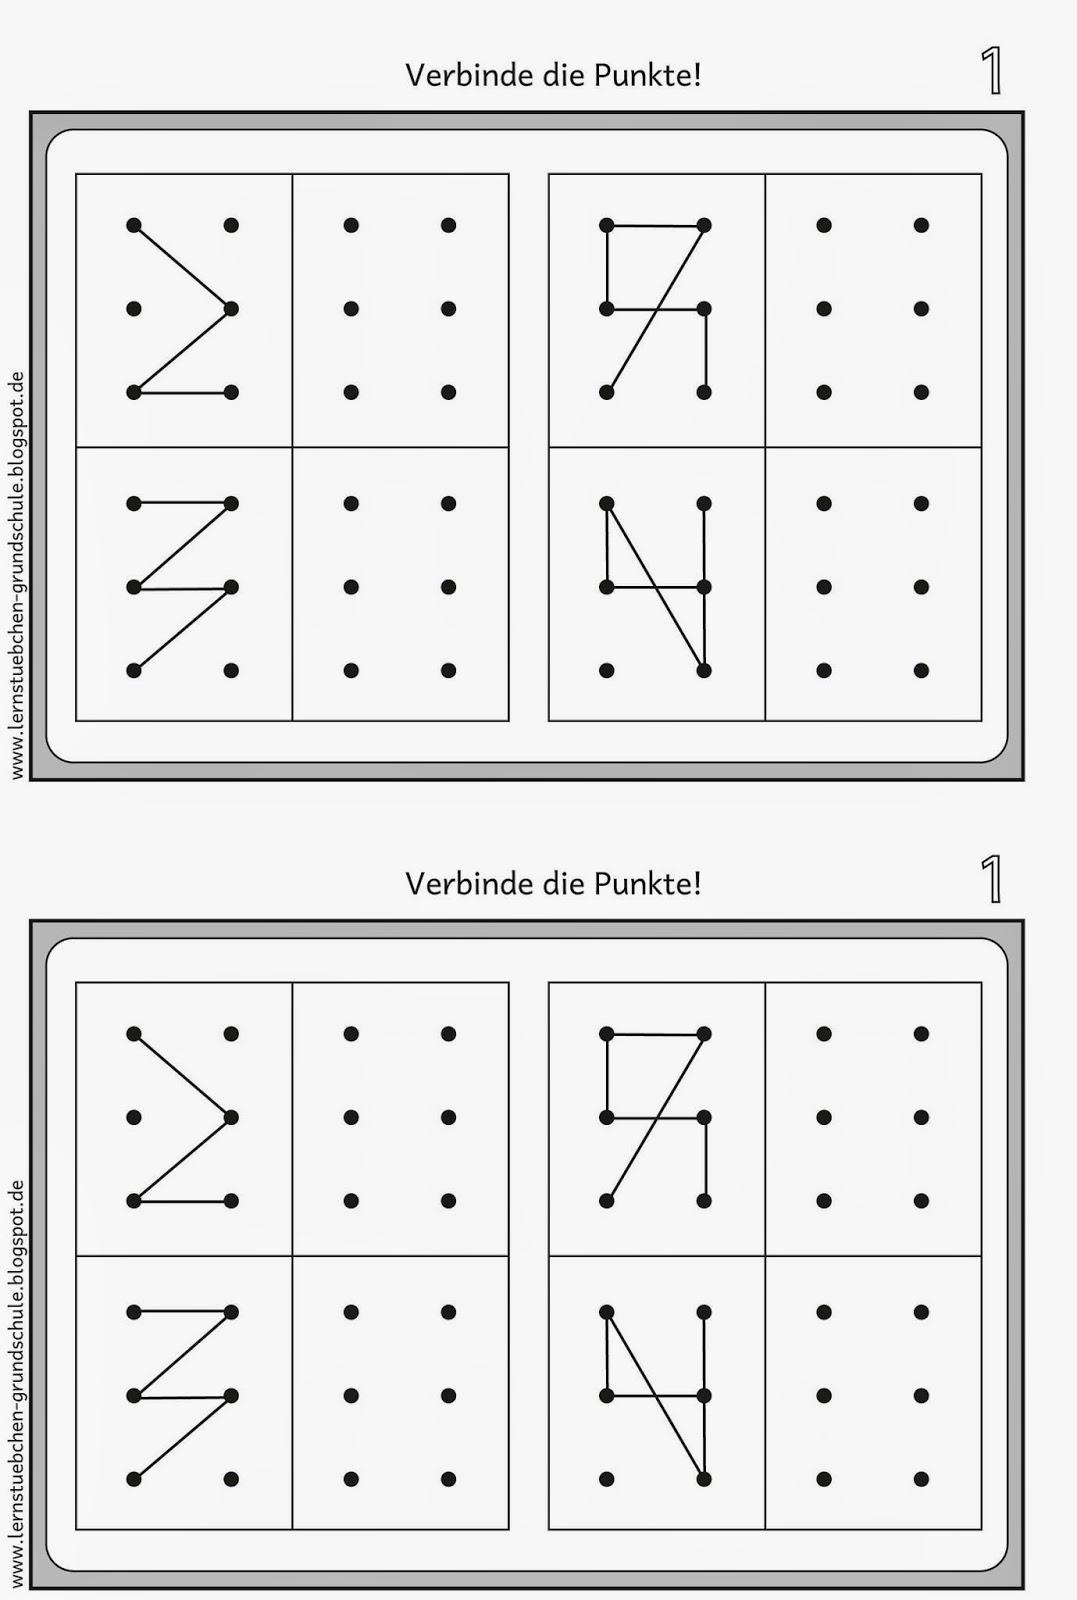 Großzügig Verbinde Die Punkte Arbeitsblatt 1 1000 Zeitgenössisch ...